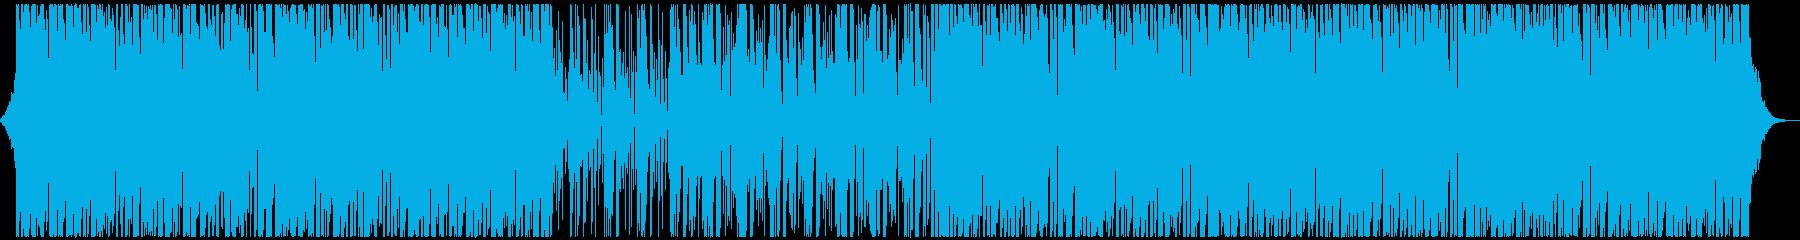 サビから!CMや各種動画にブラスファンクの再生済みの波形